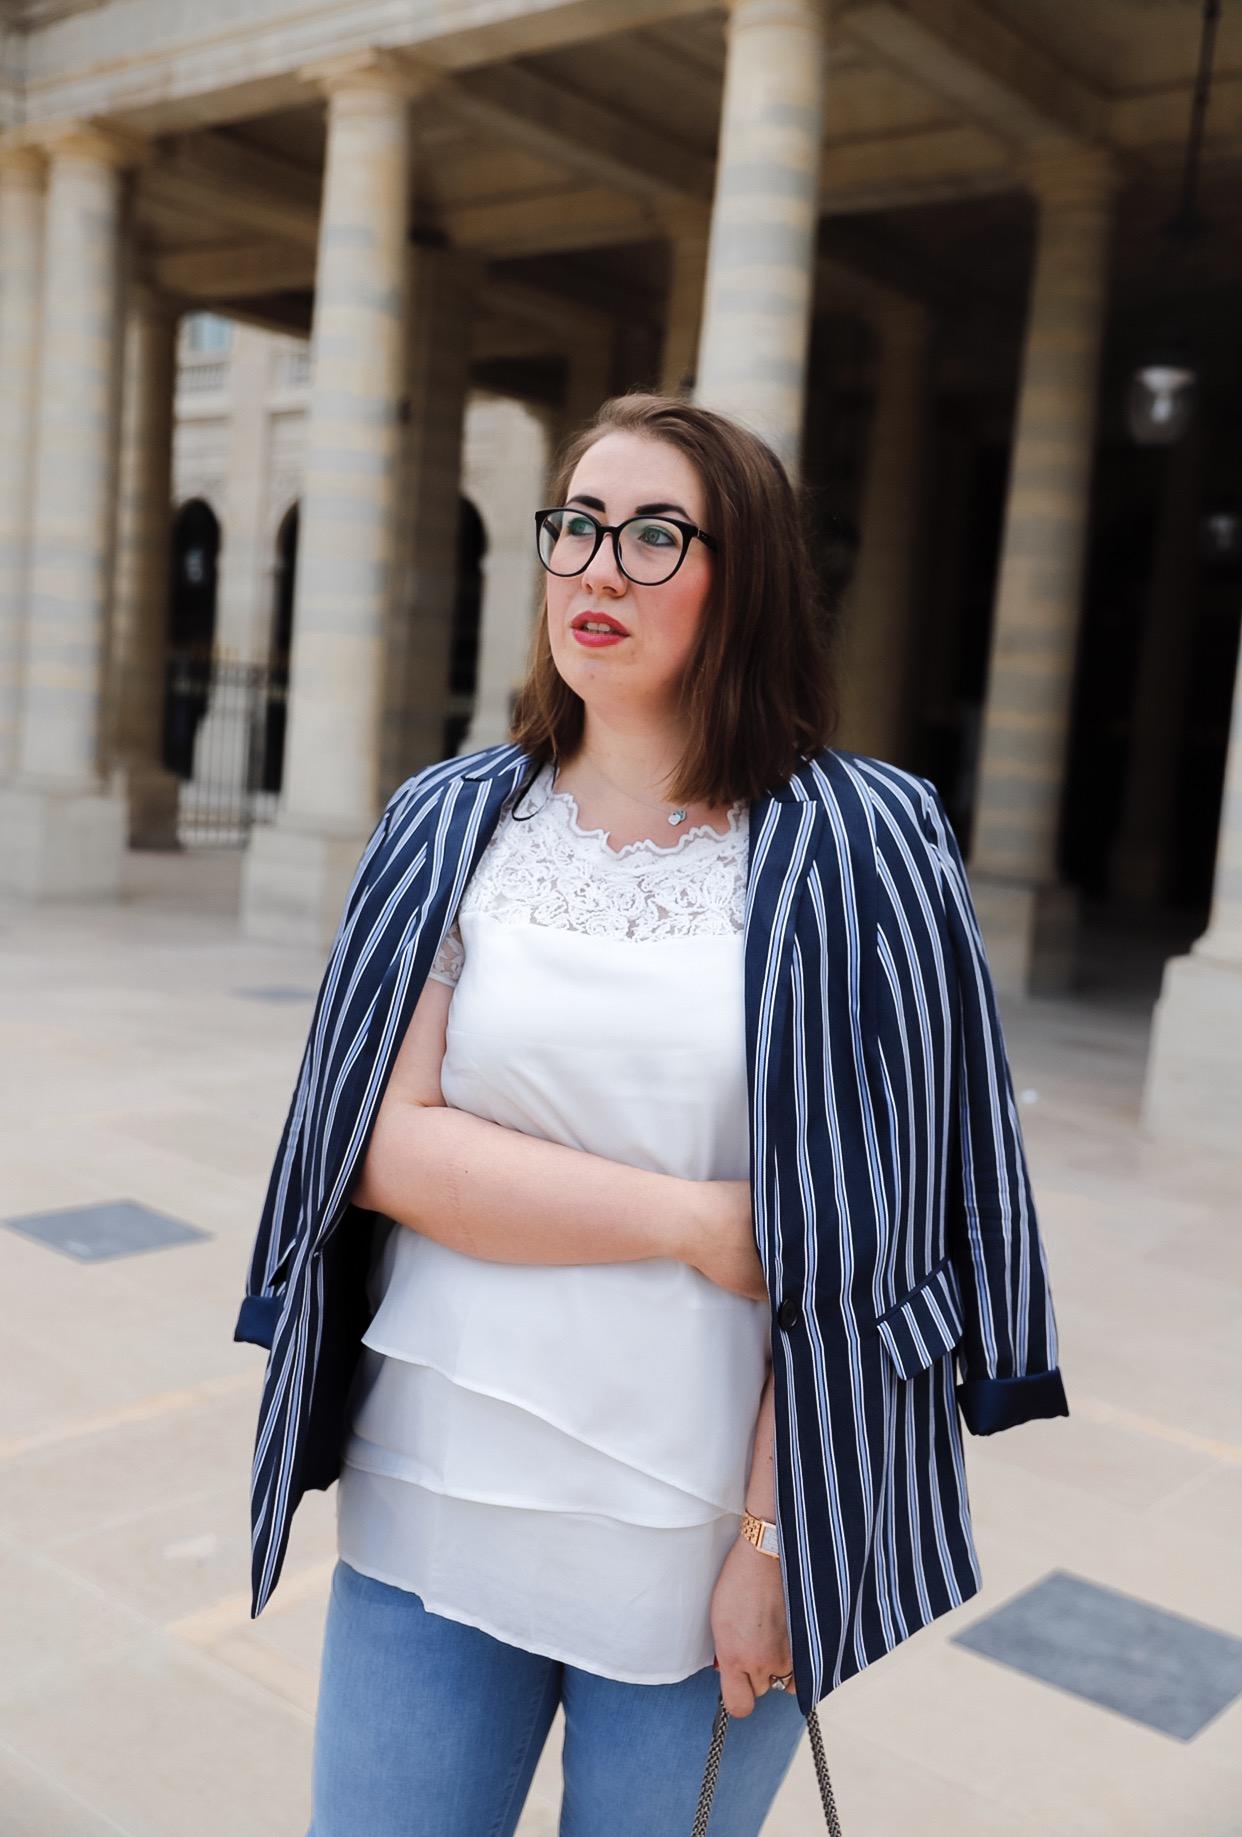 Samoon-Streifen-Blazer-kombineren-Palais-Royal-Paris-Fotoshooting-Sommerlook-Jeans-Miss-Suzie-Loves-Susanne-Heidebach